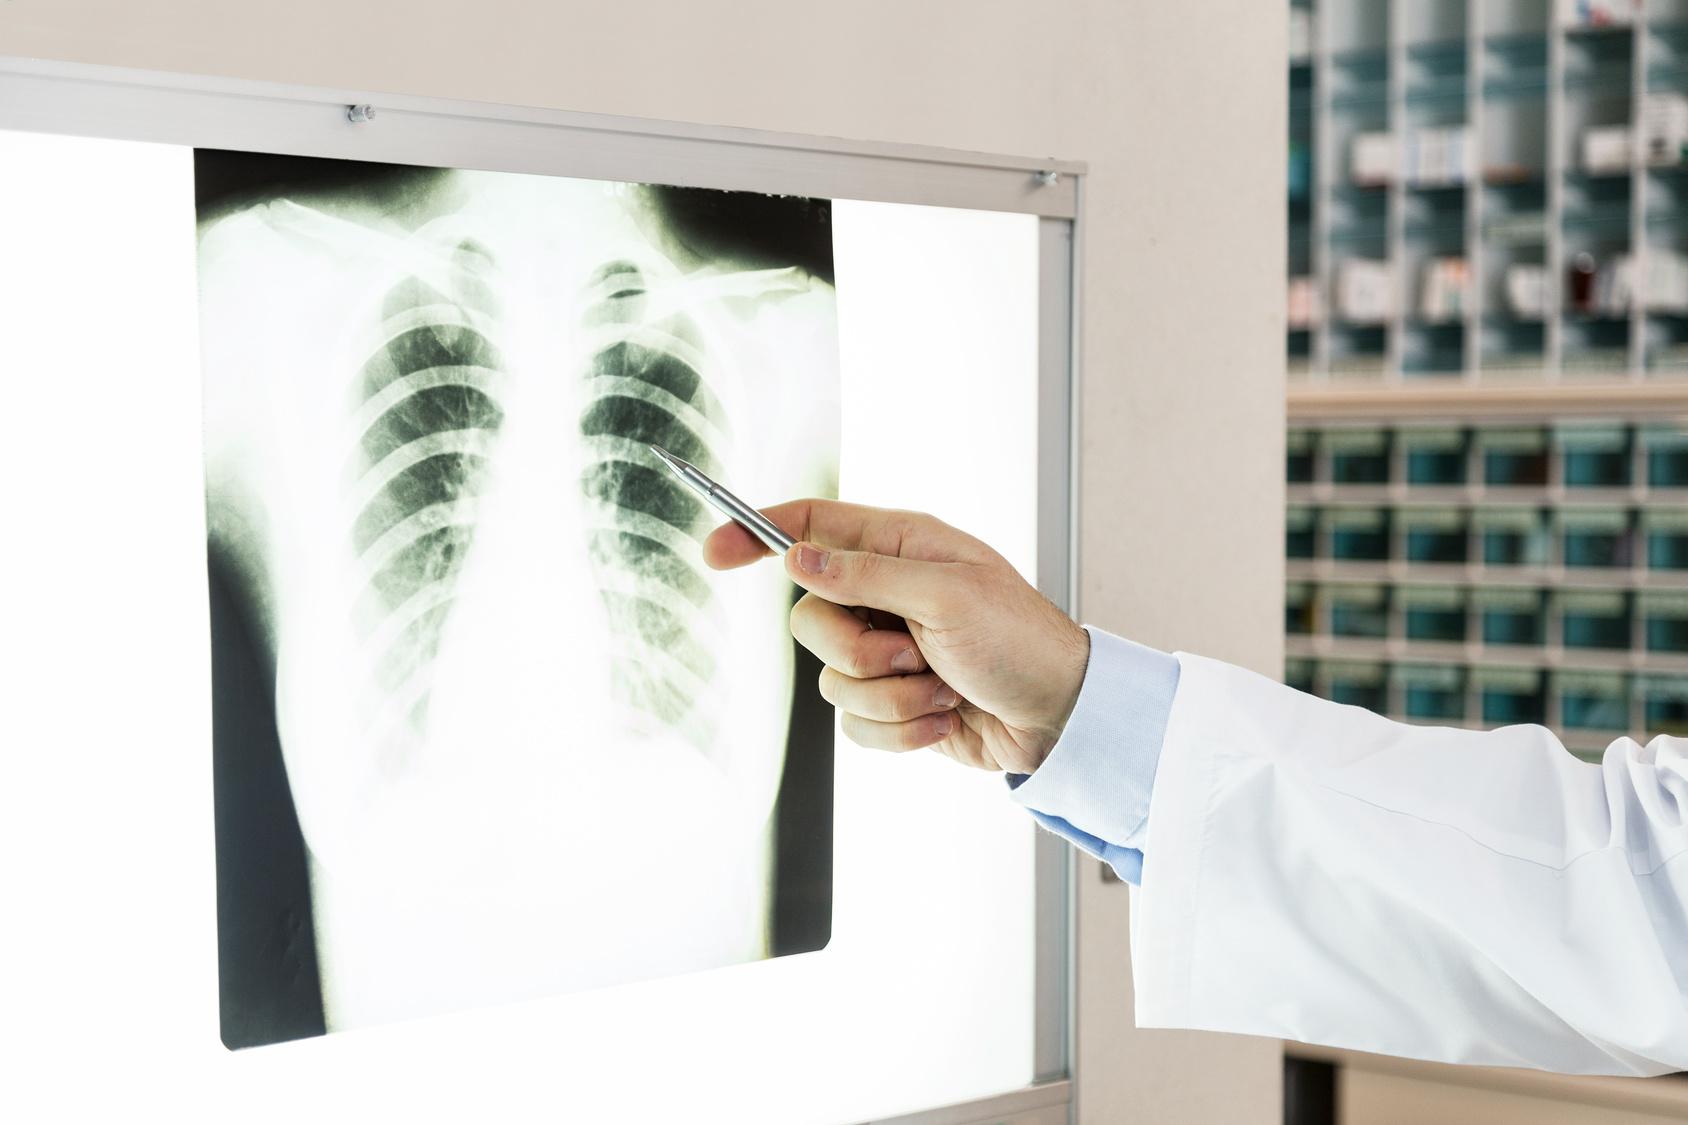 咳が止まらない…気管支炎の薬出されたけど良くならない…非結核性抗酸菌症かも!?